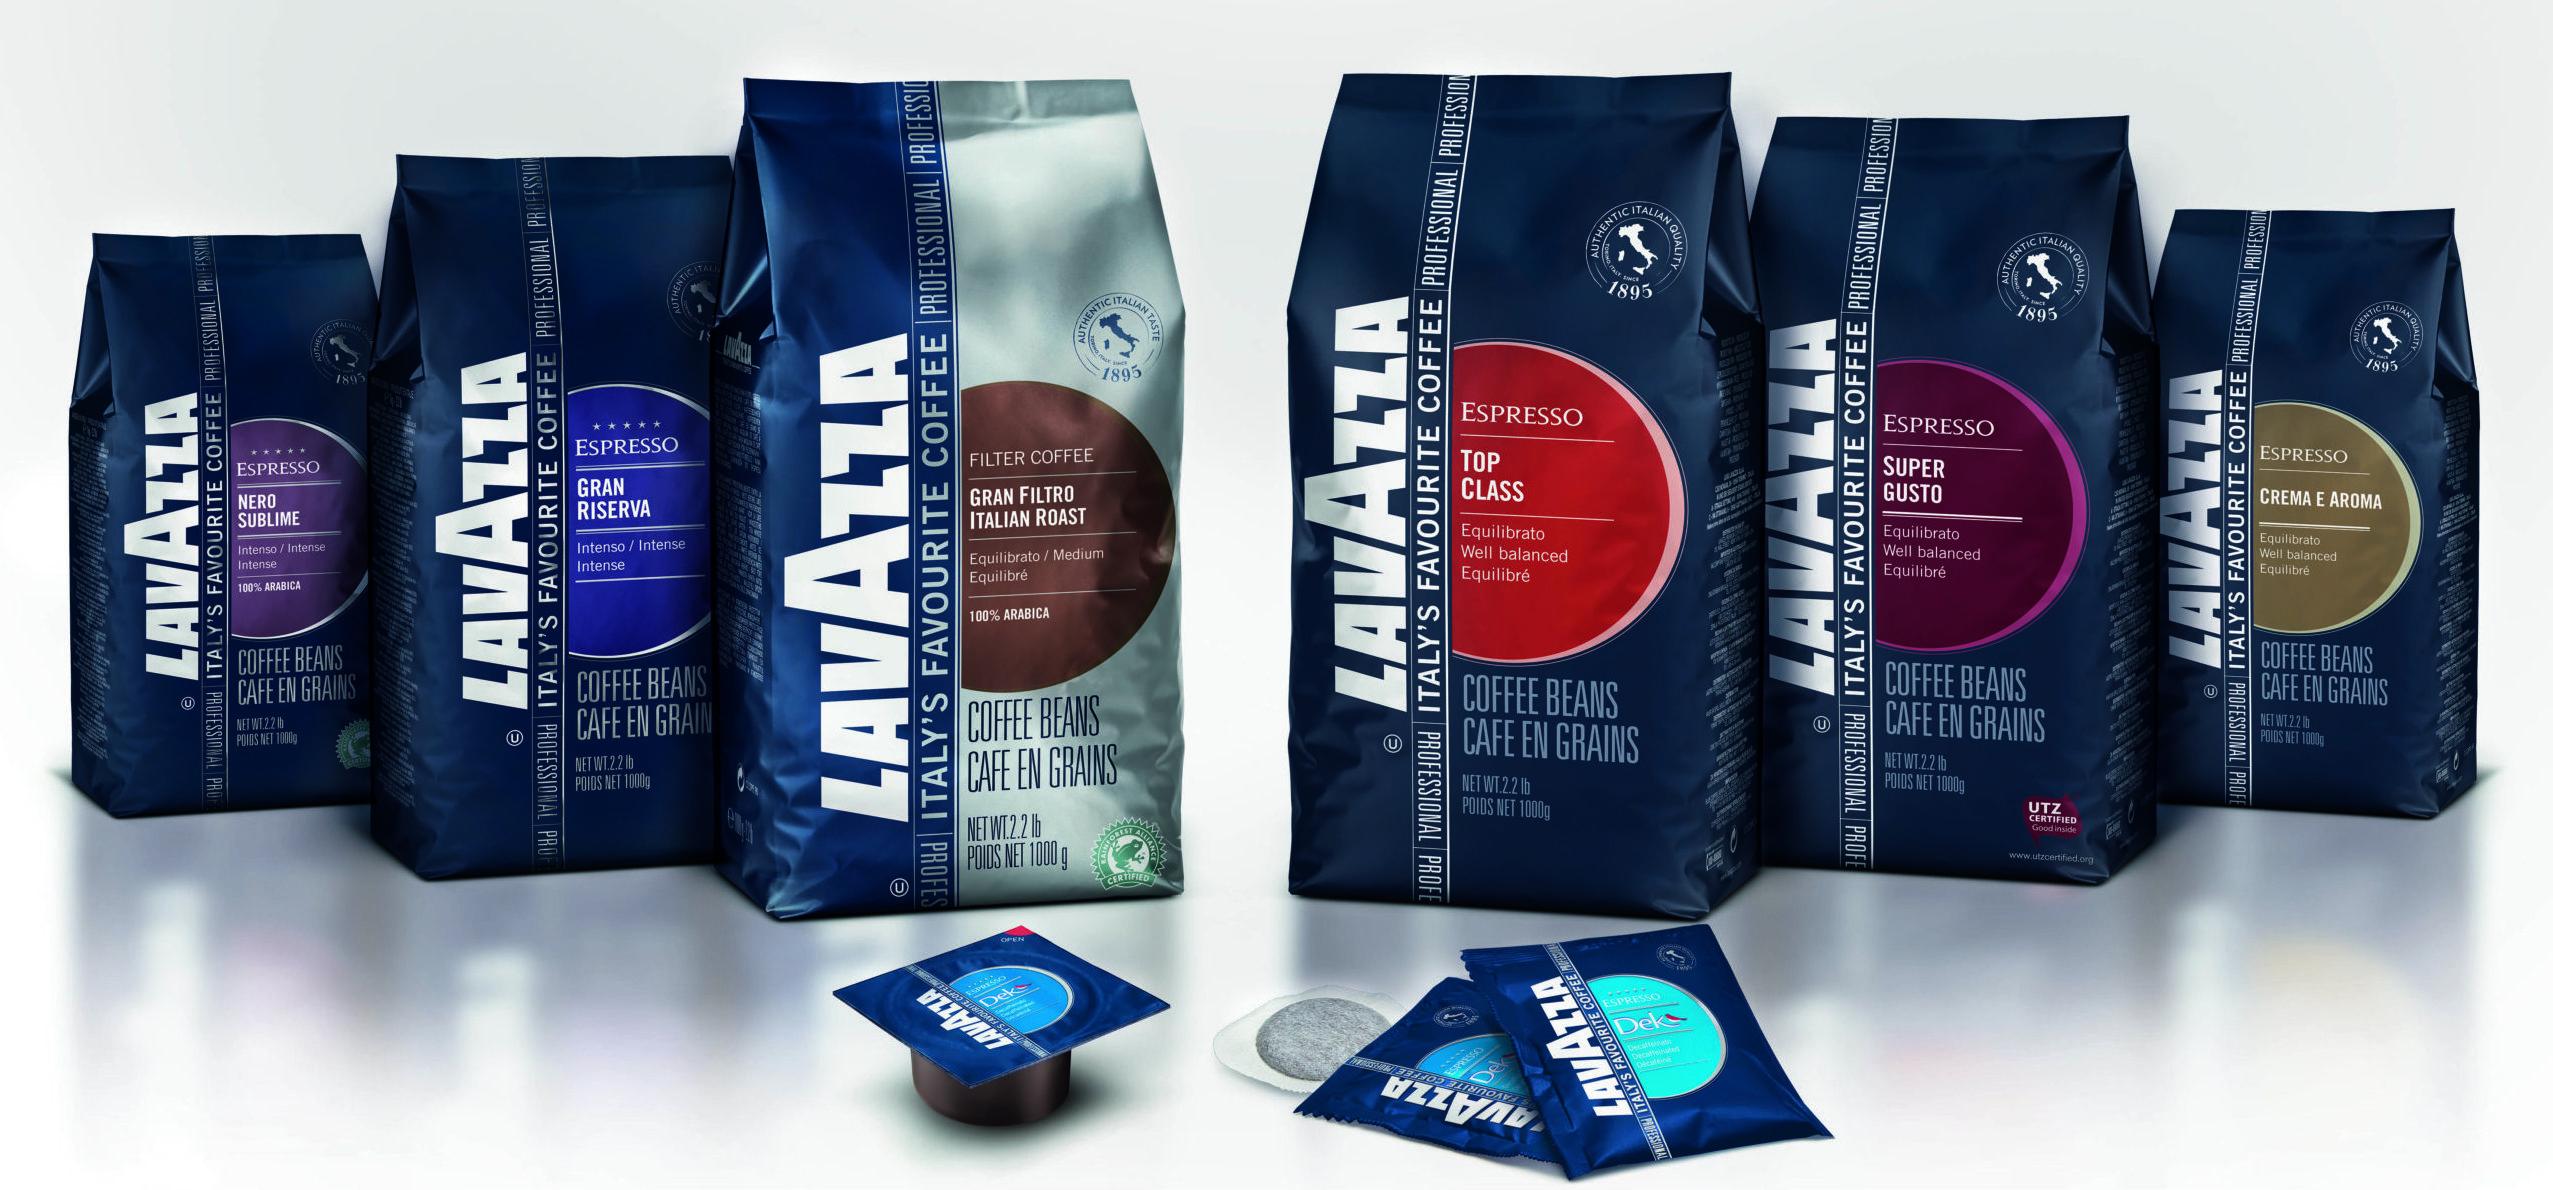 Ассортимент кофе Lavazza